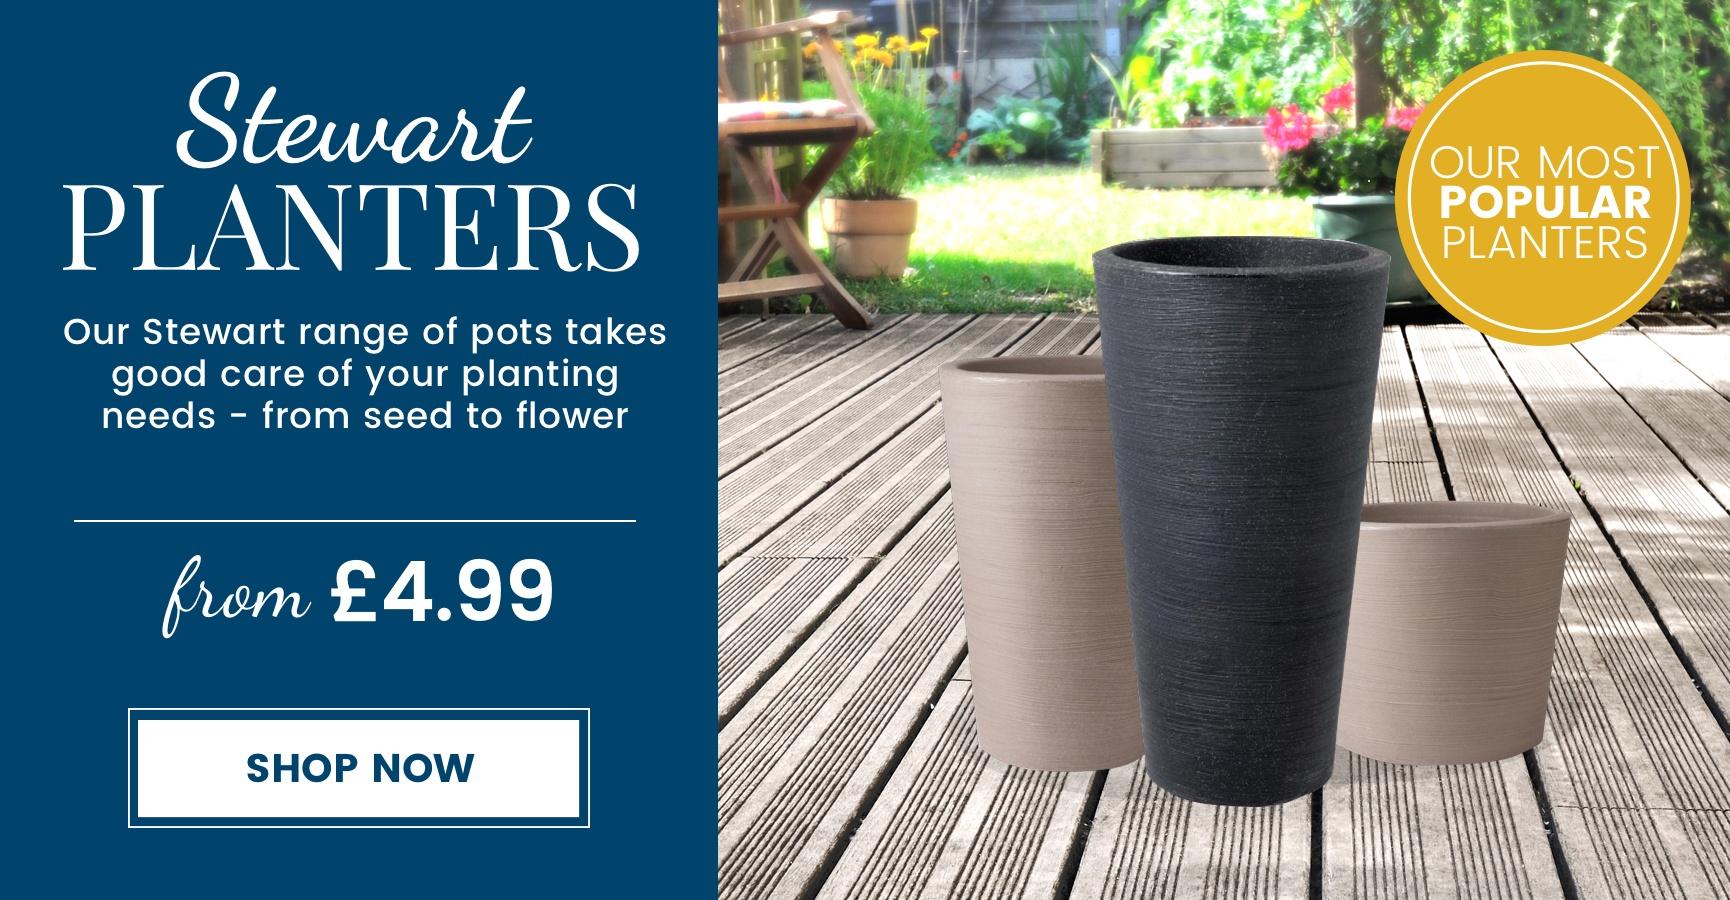 Stewart planters